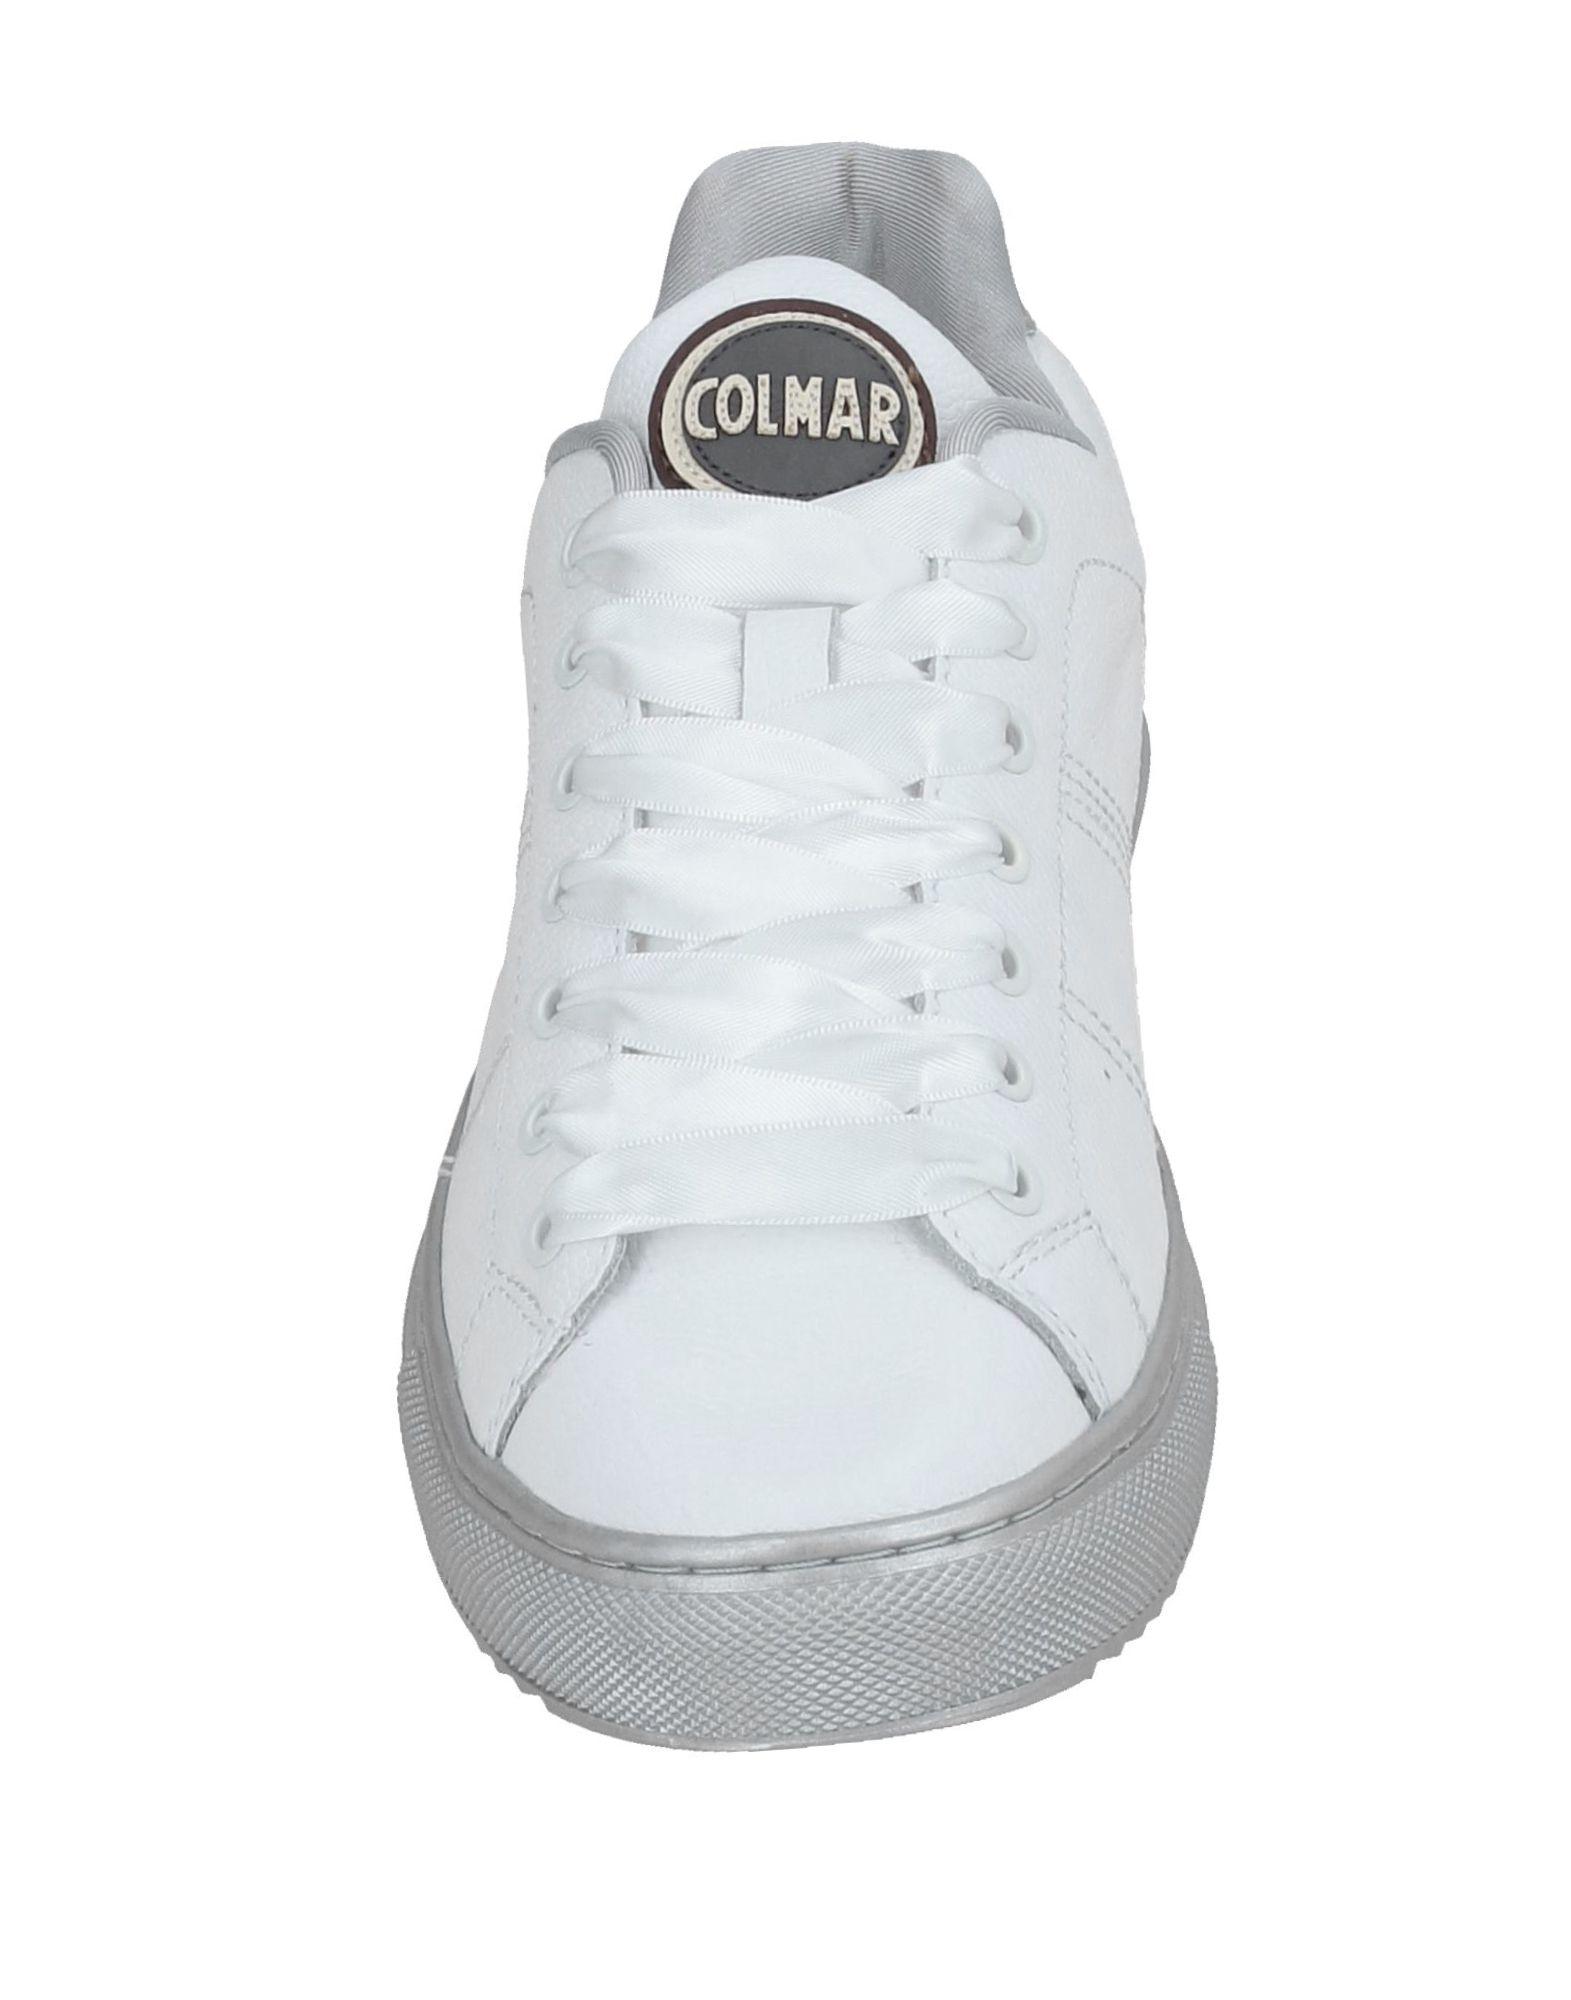 Colmar Sneakers Damen  11553292AH Schuhe Gute Qualität beliebte Schuhe 11553292AH 13cb91